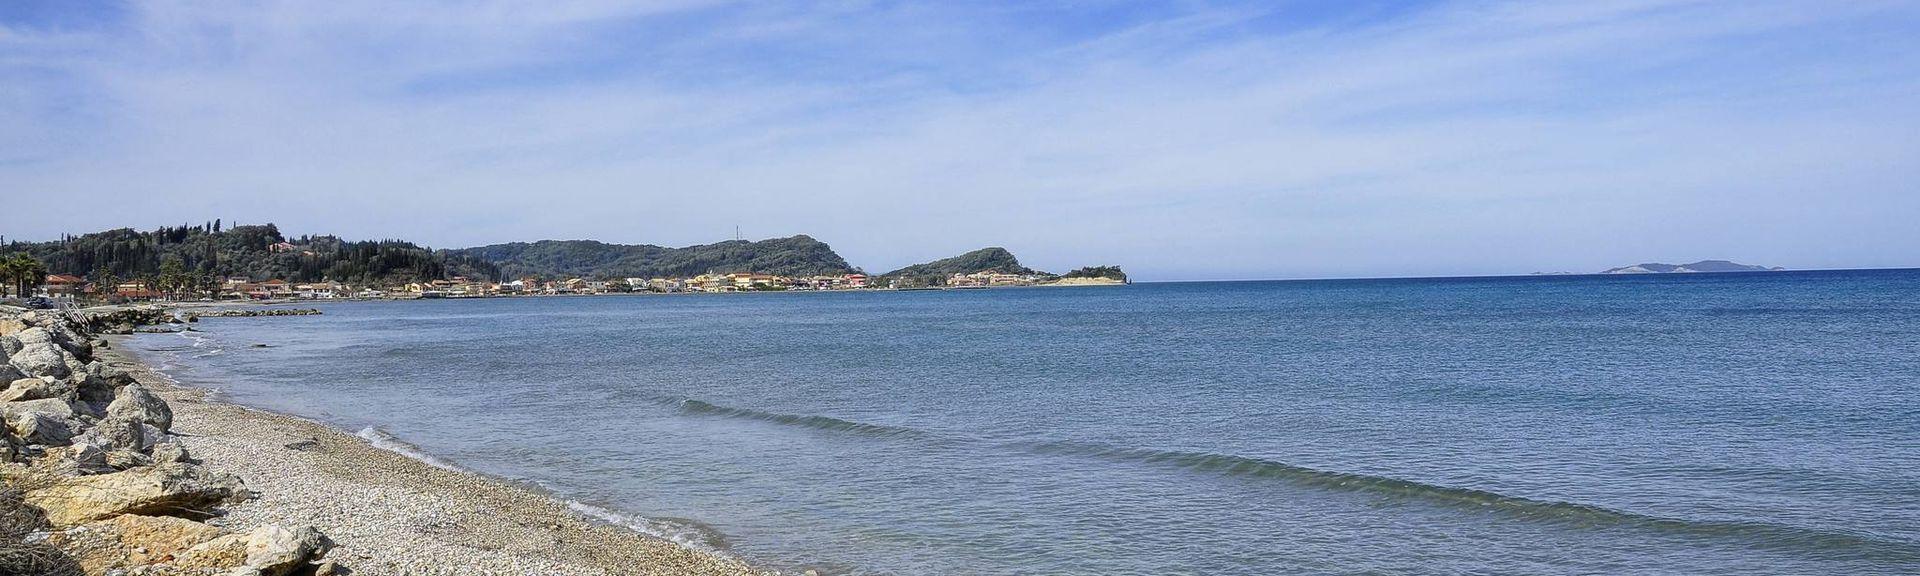 Feakes, Peloponnesos, Kreikka